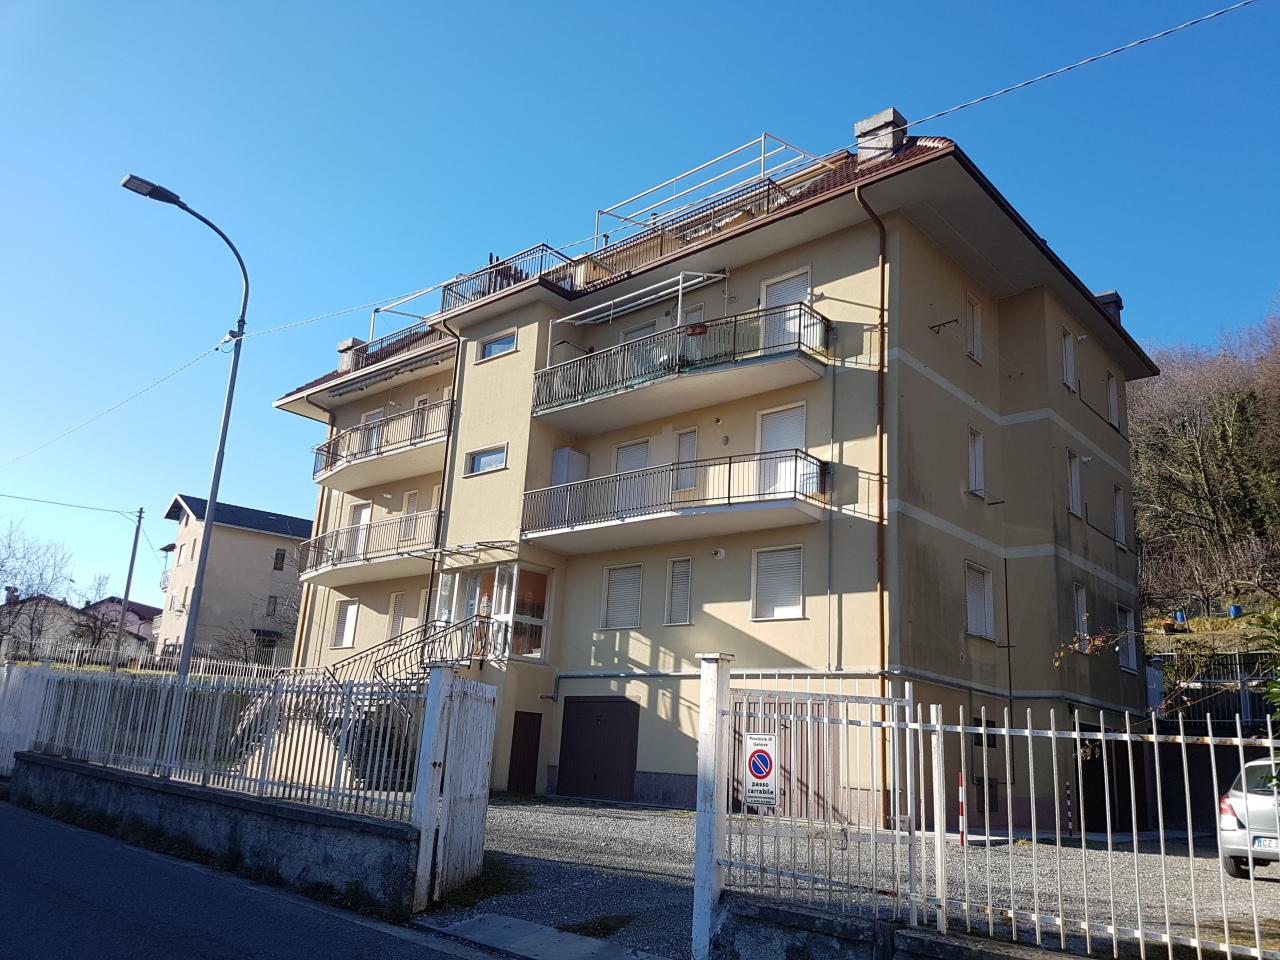 Appartamento in vendita a Torriglia, 5 locali, prezzo € 33.000 | PortaleAgenzieImmobiliari.it